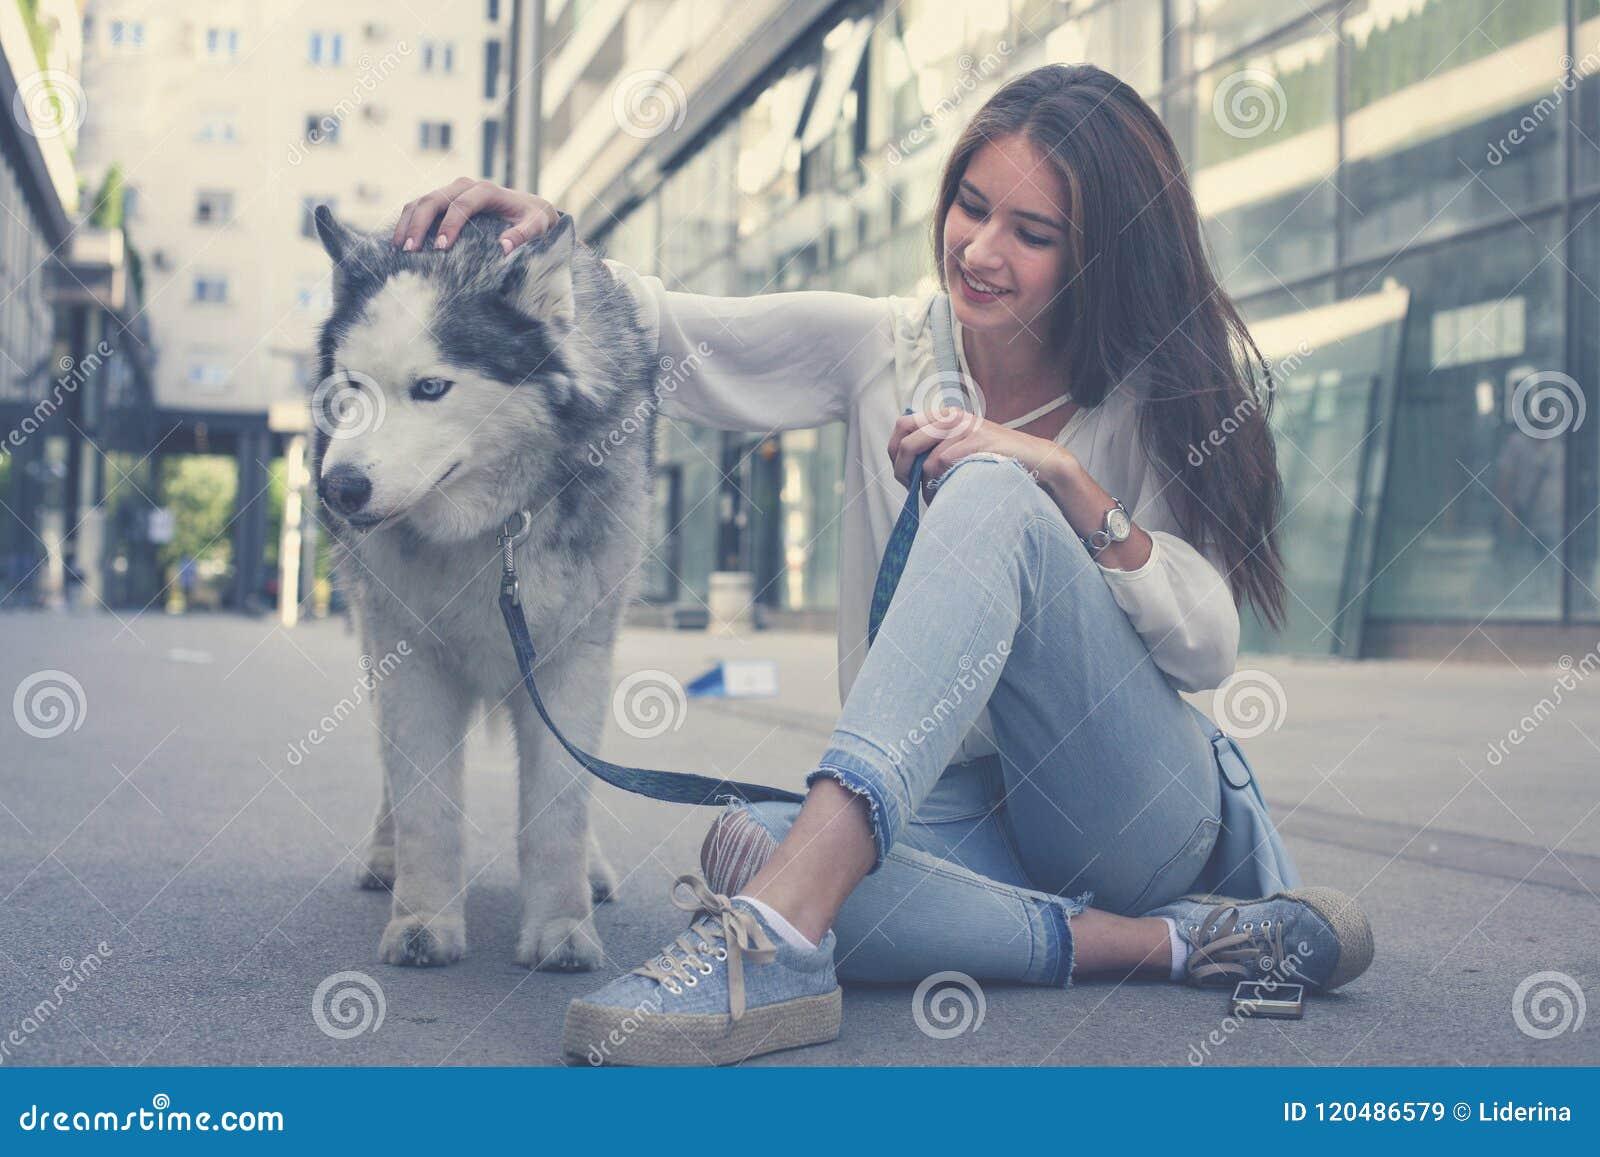 Junge Frau mit Hund in der Stadt Jugendlichmädchen mit ihrem Hund